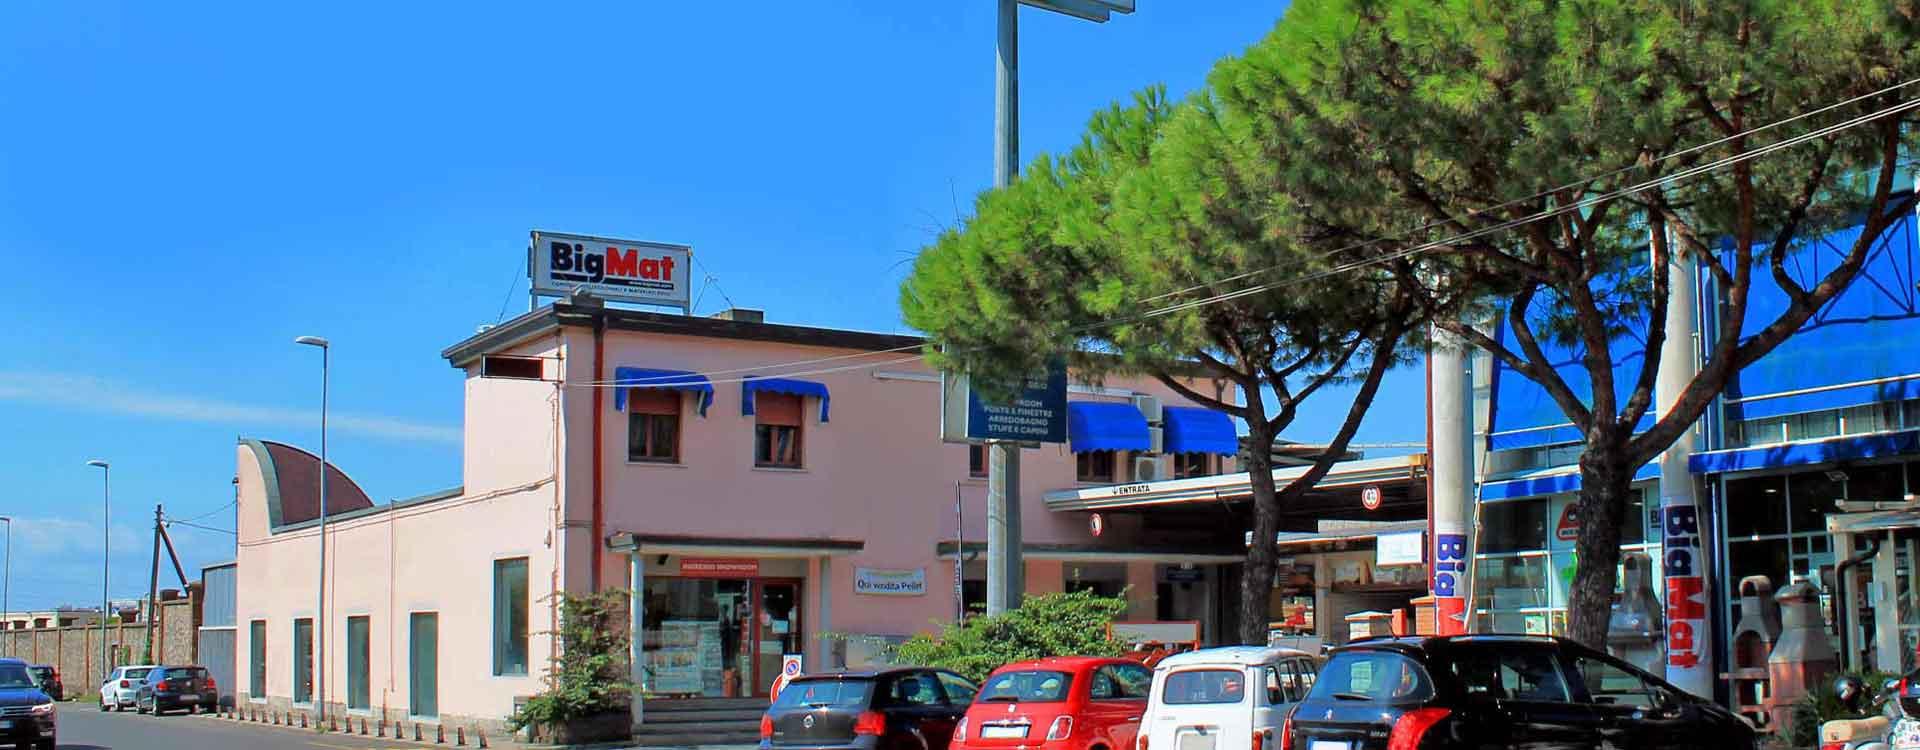 Edilmarket Bigmat, tutto per l'edilizia e la produzione a Massa Carrara in Toscana